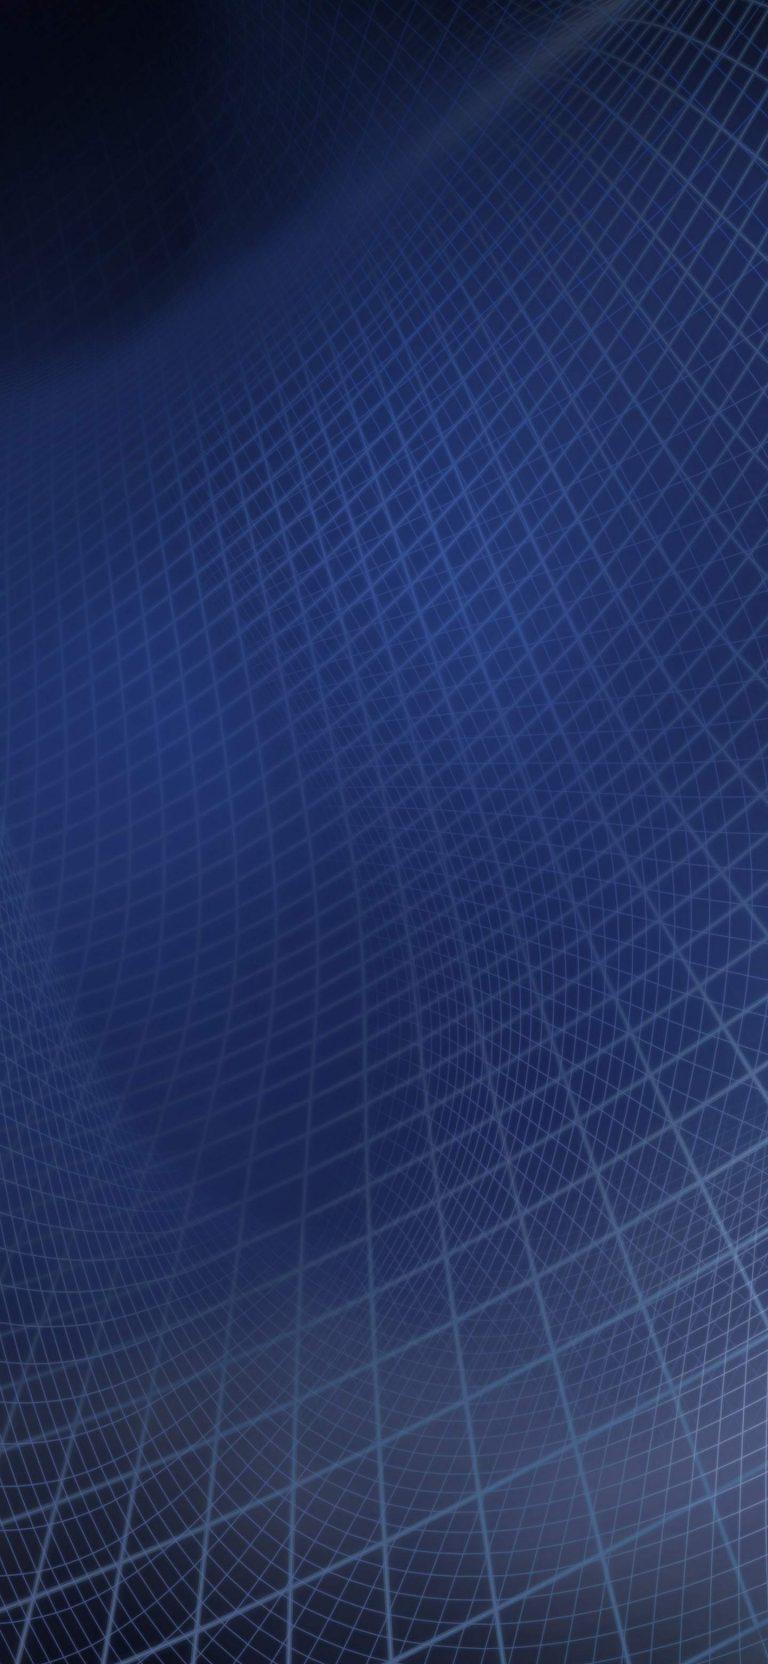 1440x3120 Wallpaper 091 768x1664